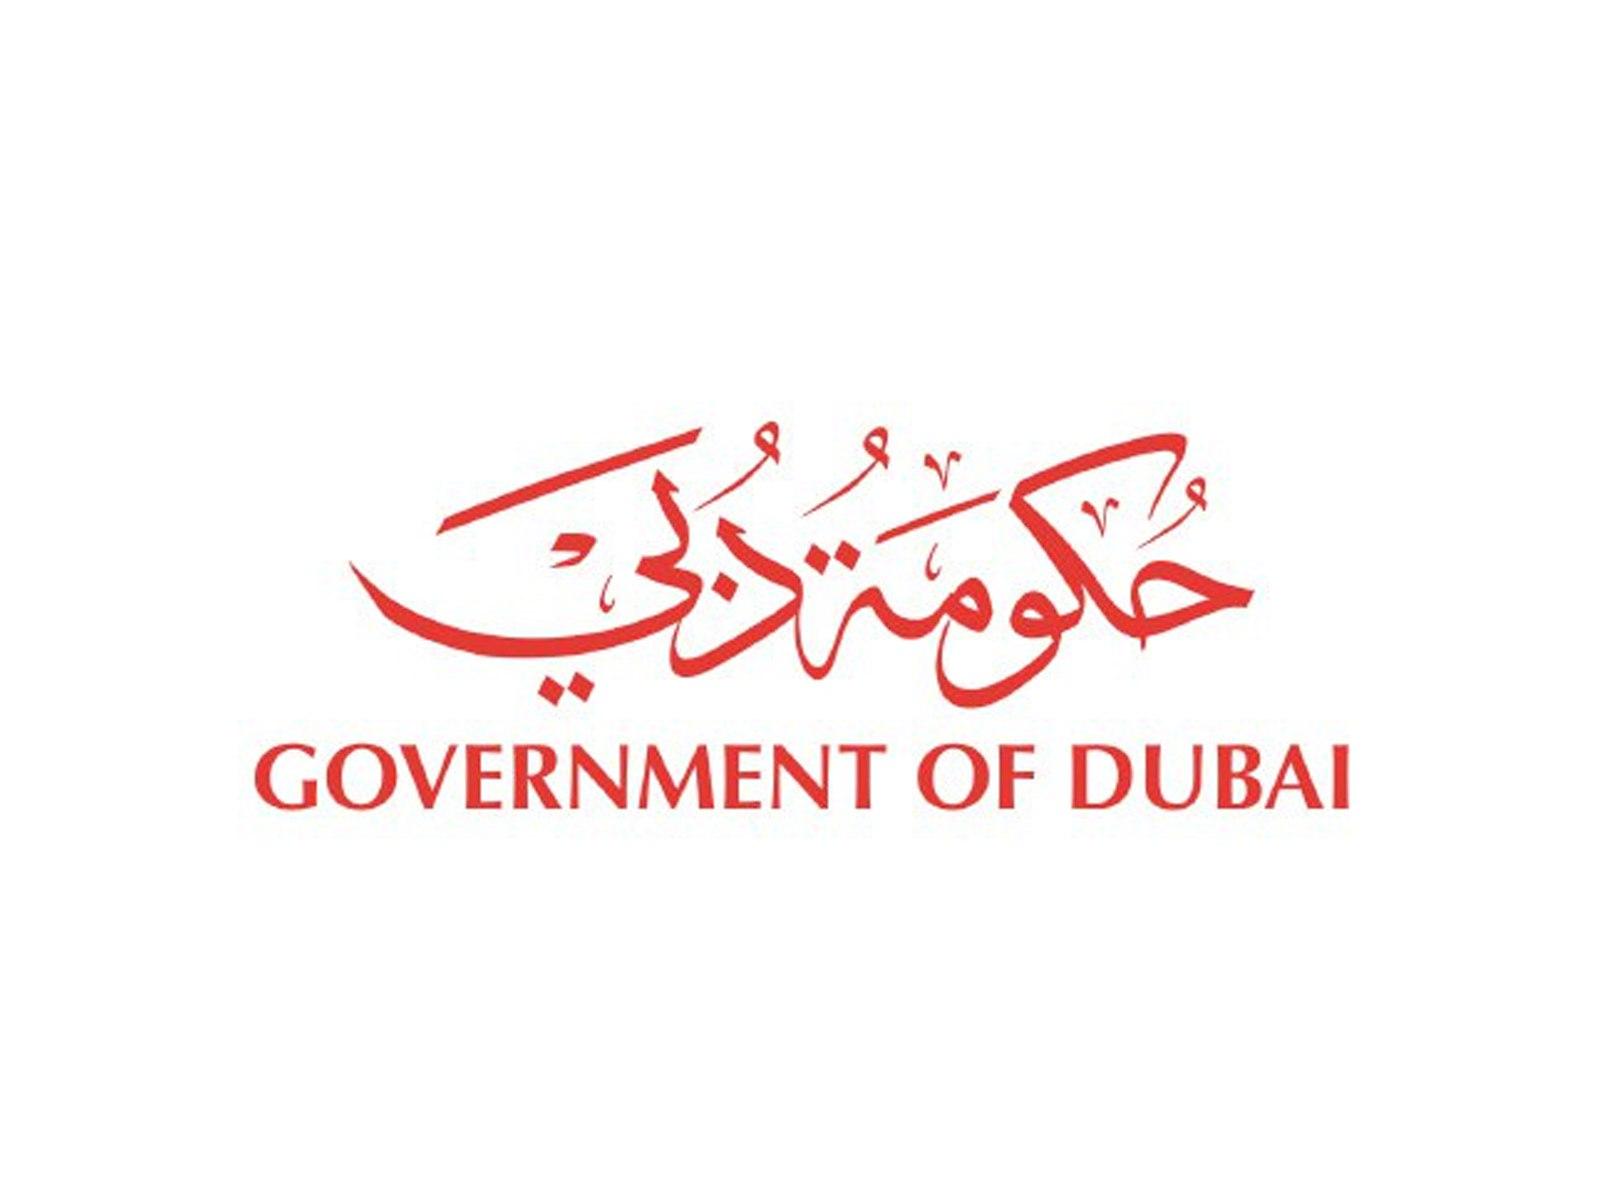 حكومة دبي الإلكترونية